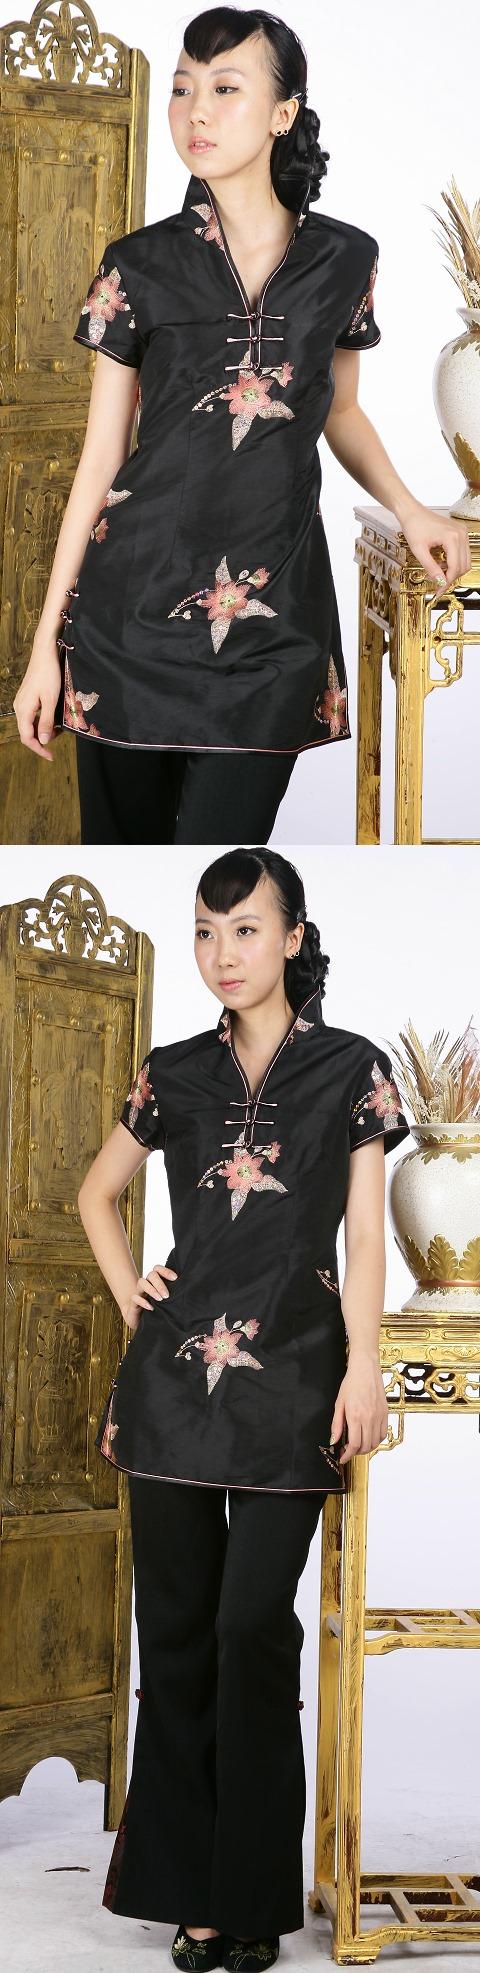 亮片繡花短袖短旗袍(黑色)